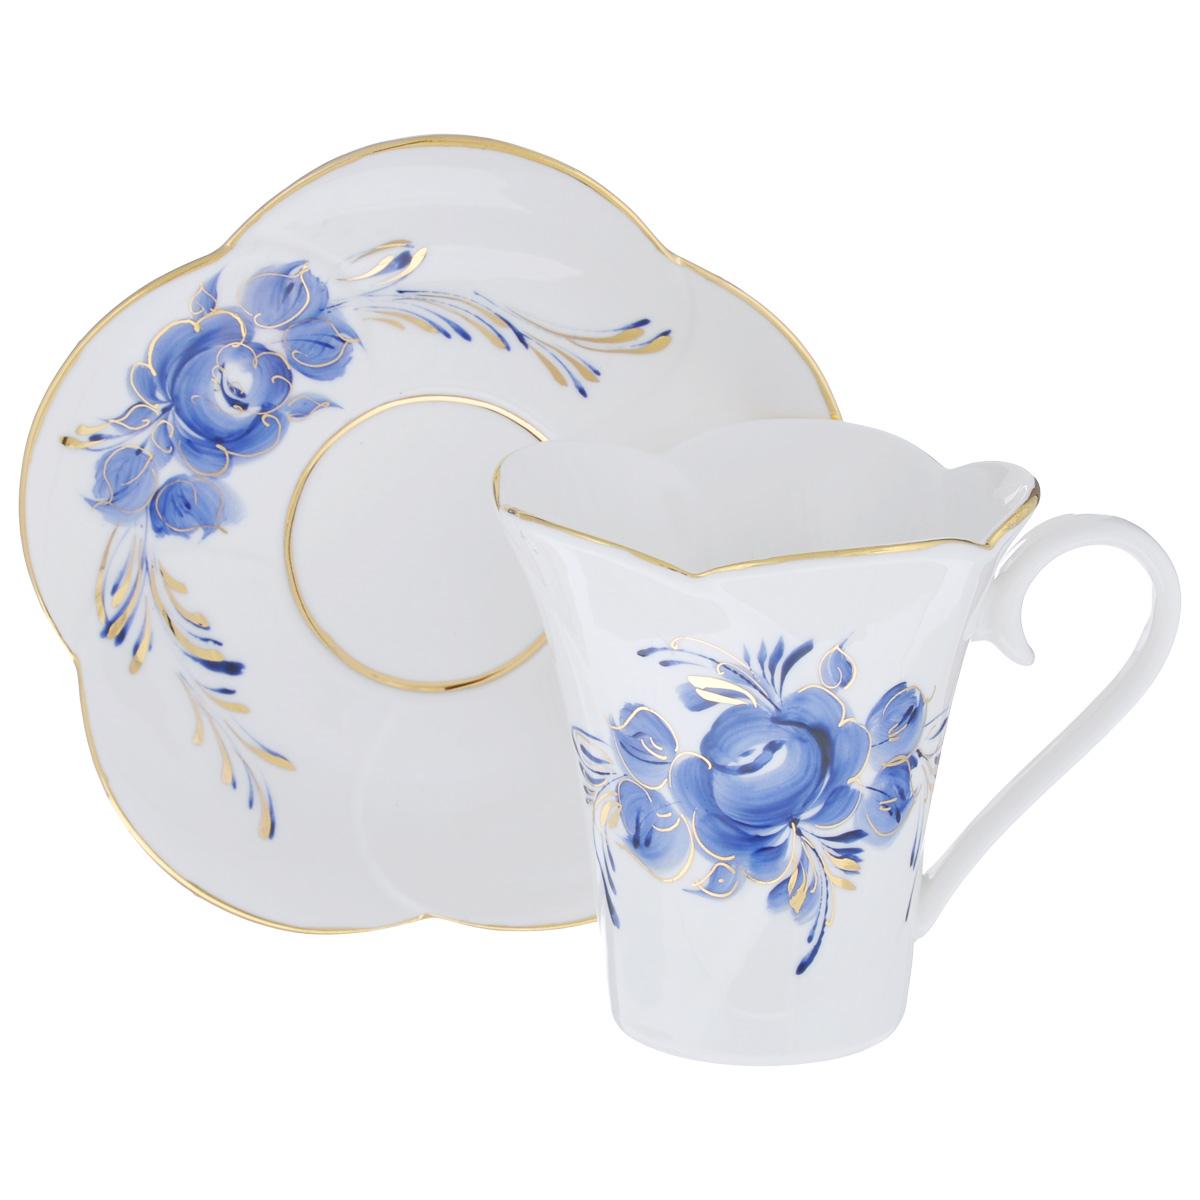 Чайная пара Пион, цвет: белый, синий, золотой, 2 предмета. 995161510995161510Чайная пара Пион состоит из чашки и блюдца, изготовленных из фарфора белого цвета, и расписаны вручную. Яркий дизайн, несомненно, придется вам по вкусу. Чайная пара Пион украсит ваш кухонный стол, а также станет замечательным подарком к любому празднику. Не применять абразивные чистящие средства. Не использовать в микроволновой печи. Мыть с применением нейтральных моющих средств. Не рекомендуется использовать в посудомоечных машинах. Объем чашки: 200 мл. Диаметр чашки по верхнему краю: 8,5 см. Диаметр основания: 4,5 см. Высота чашки: 9 см. Диаметр блюдца: 14 см.